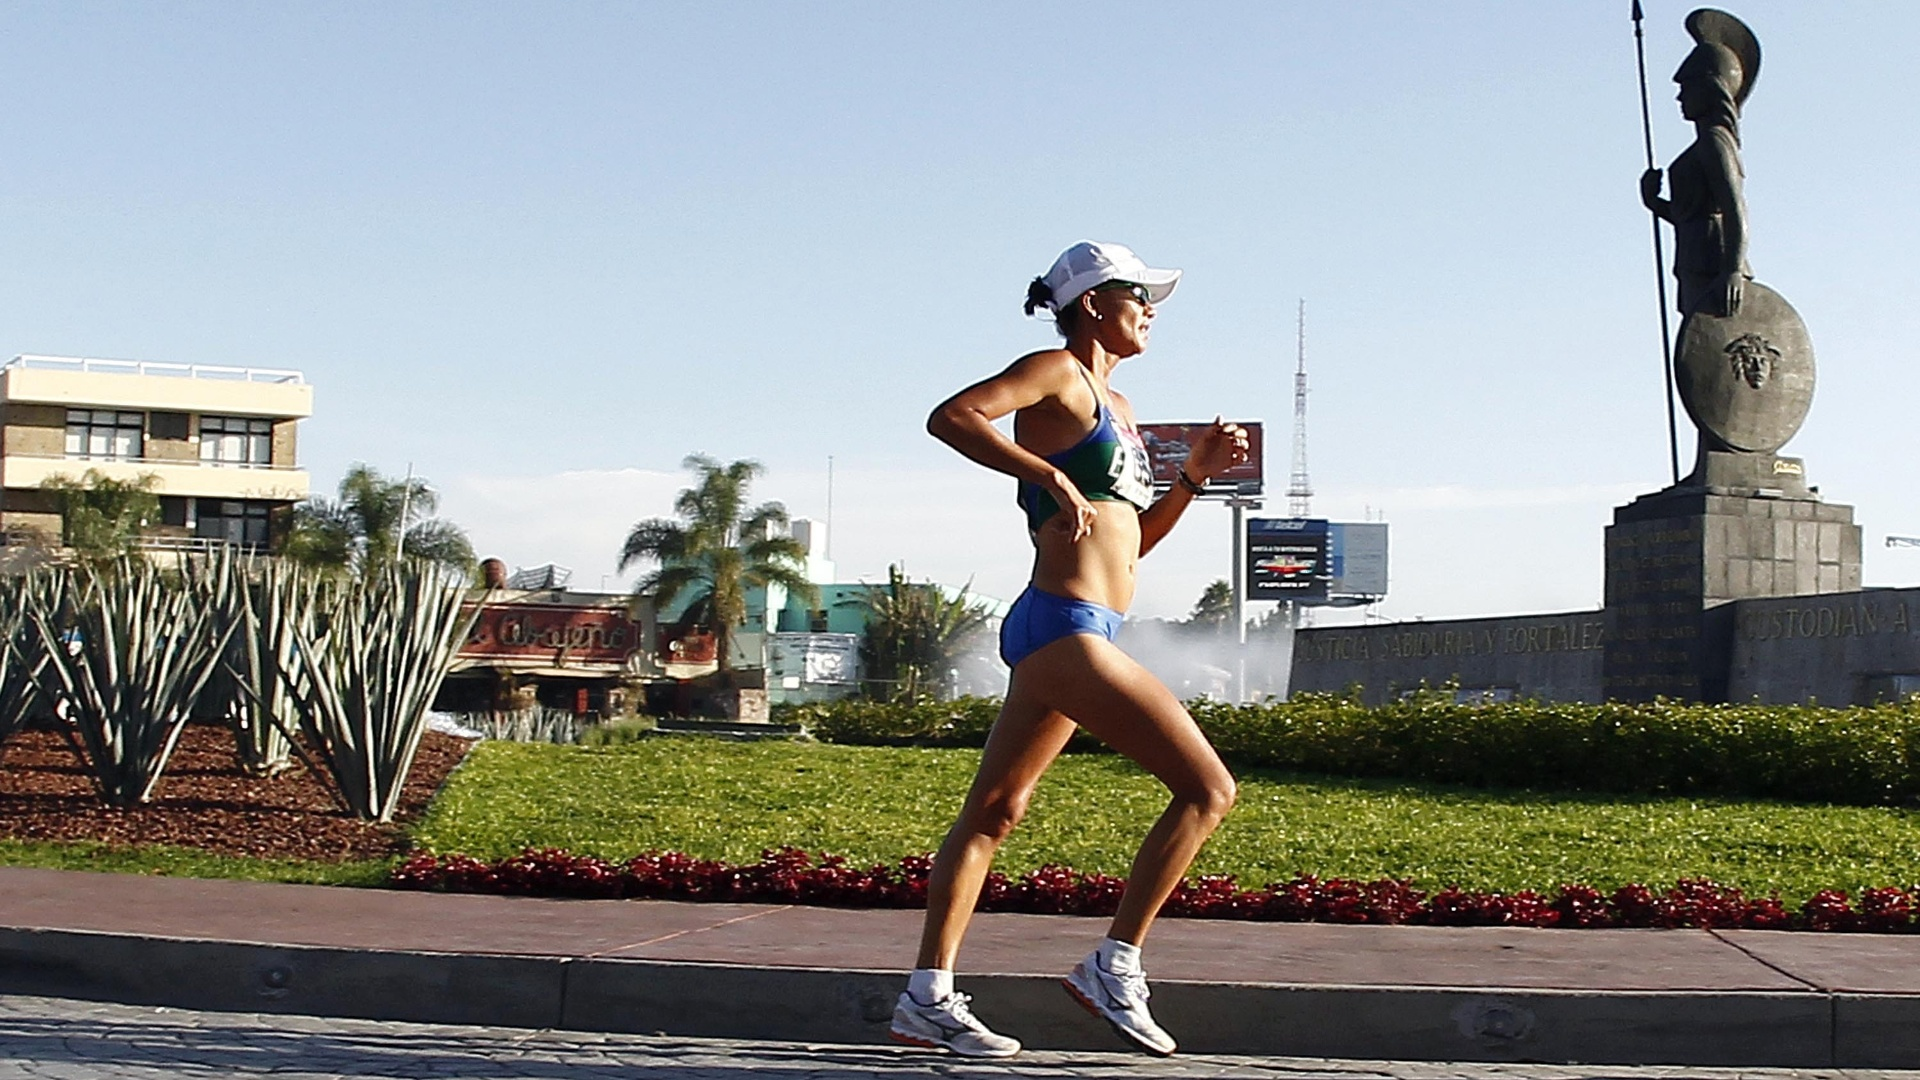 Erica Sena chegou a ficar em terceiro durante a marcha atlética de 20 km, mas foi desclassificada depois de três punições (23/201/2011)